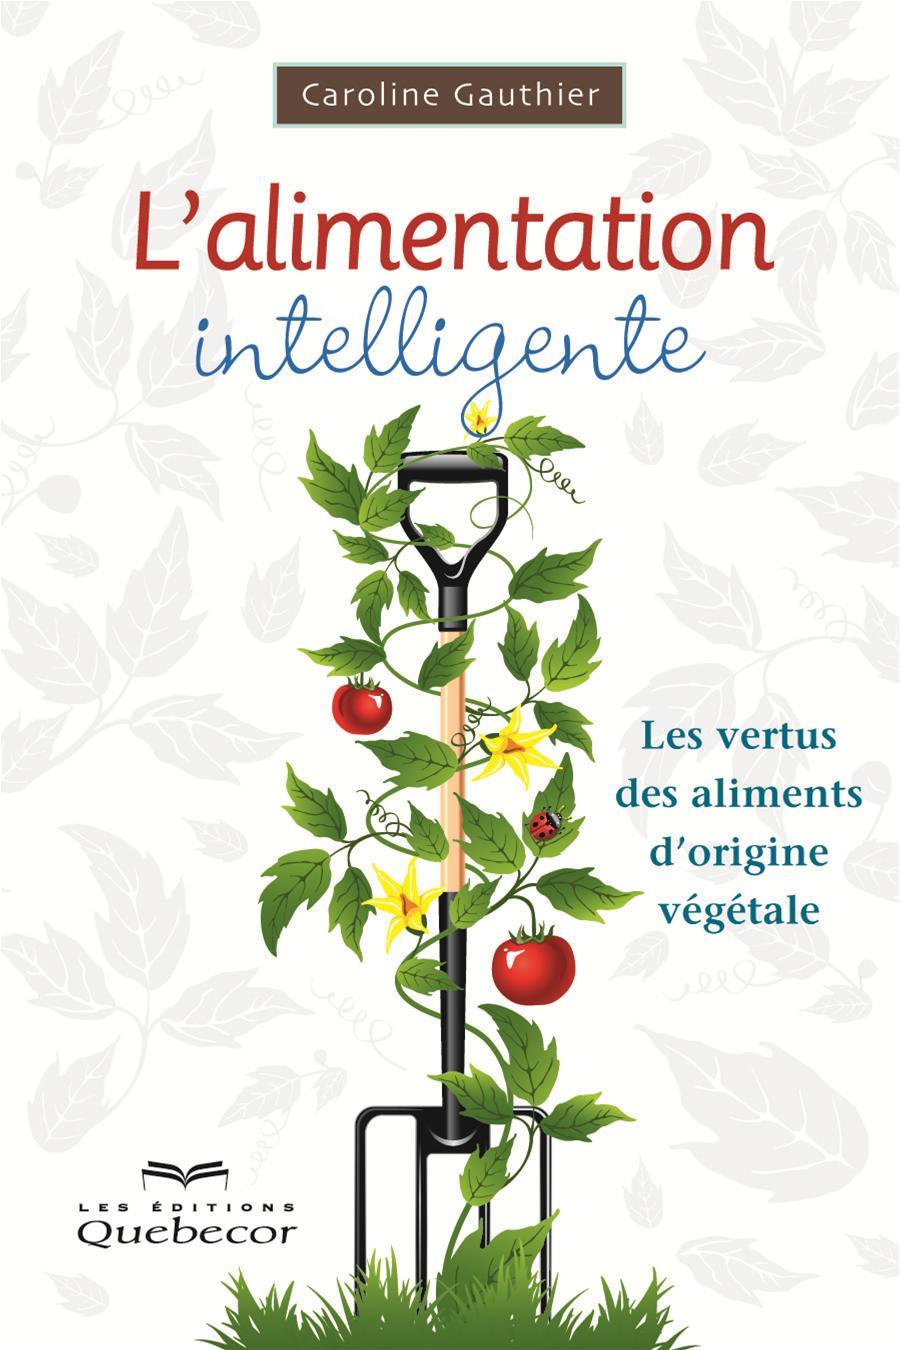 L'alimentation intelligente. Les vertus des aliments d'origine végétale - Caroline Gauthier